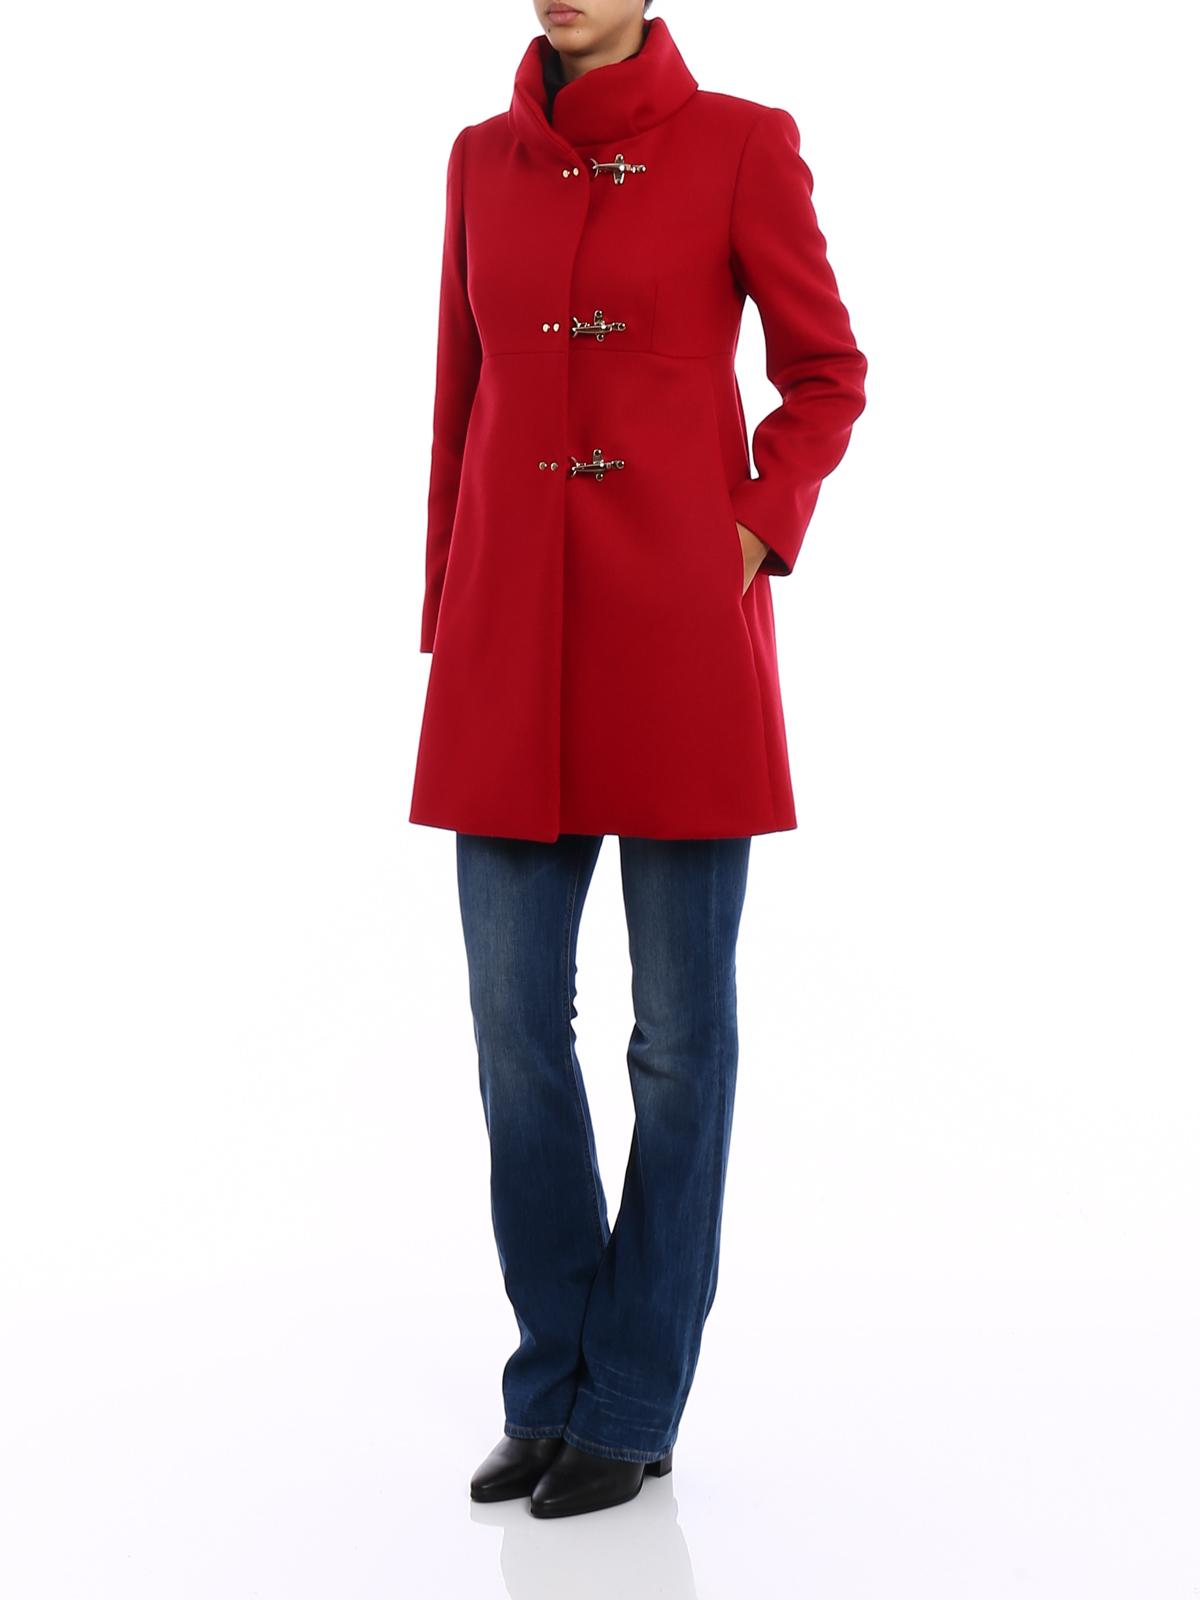 release date 3efb8 b3684 Fay - Cappotto Romantic in panno rosso - cappotti corti ...